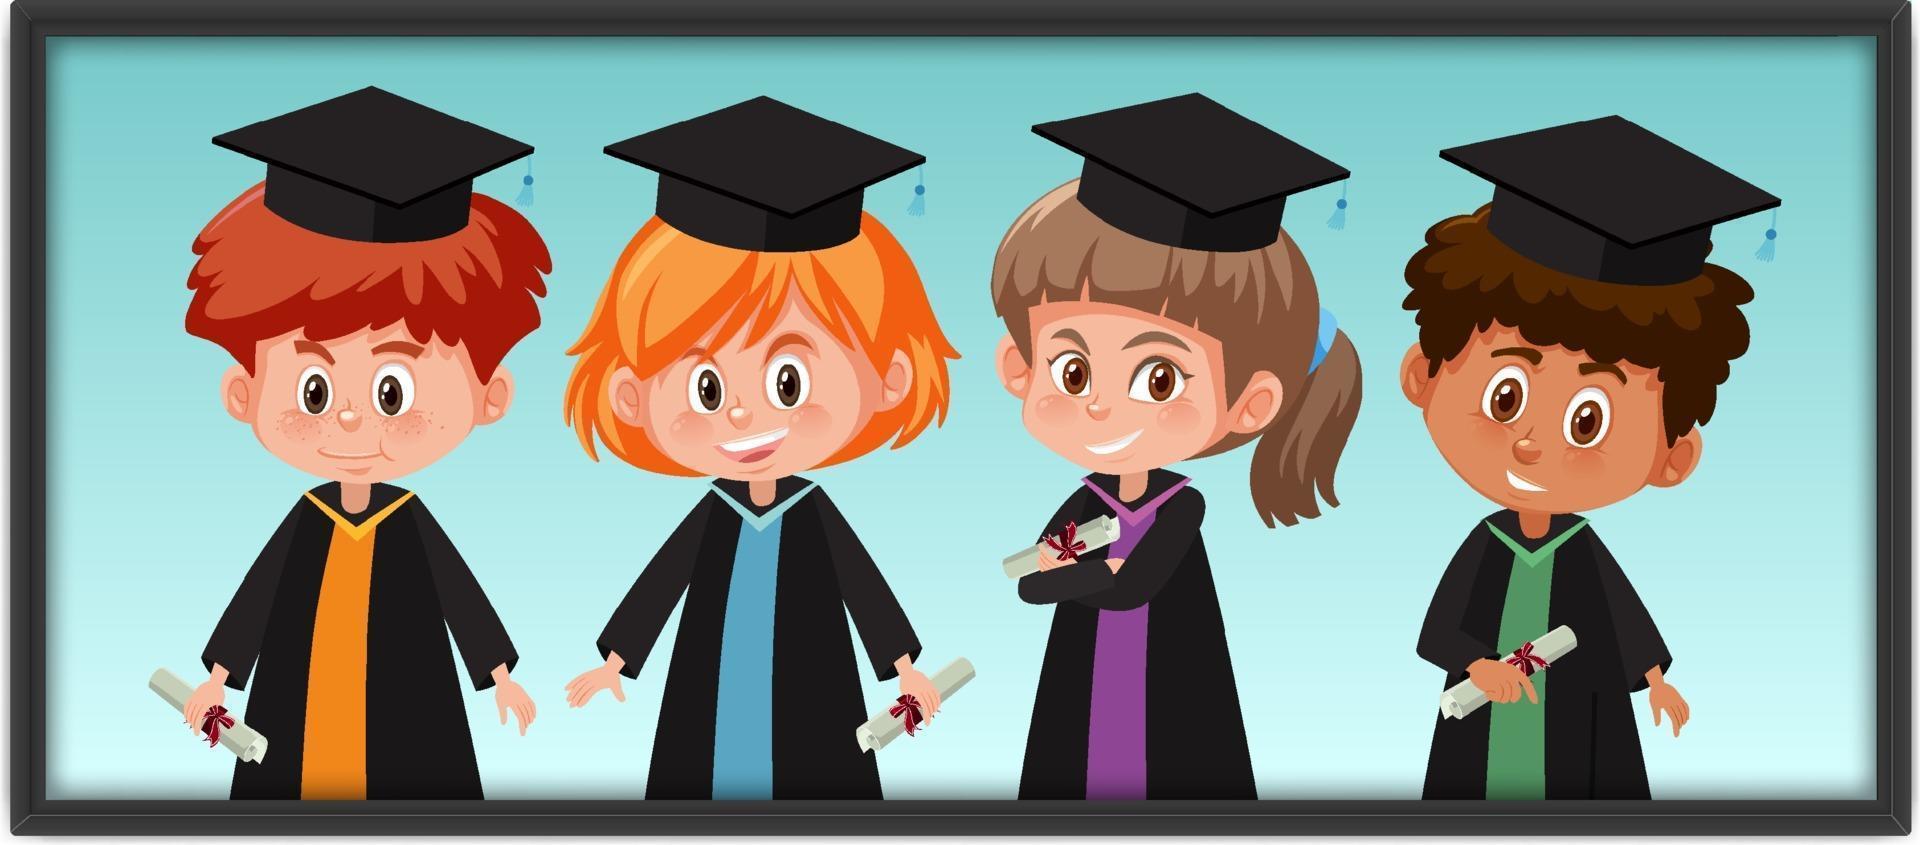 de nombreux enfants en costume de graduation dans un cadre photo vecteur